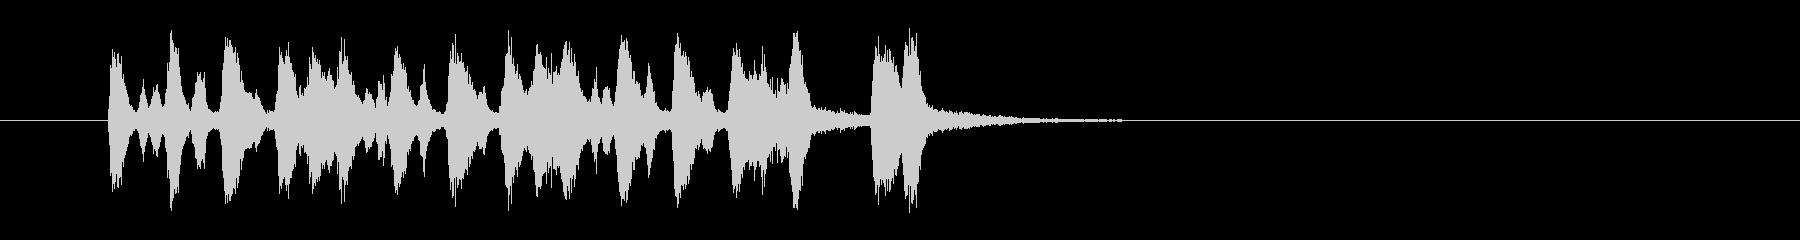 ジングル(マイナー・タンゴ)の未再生の波形